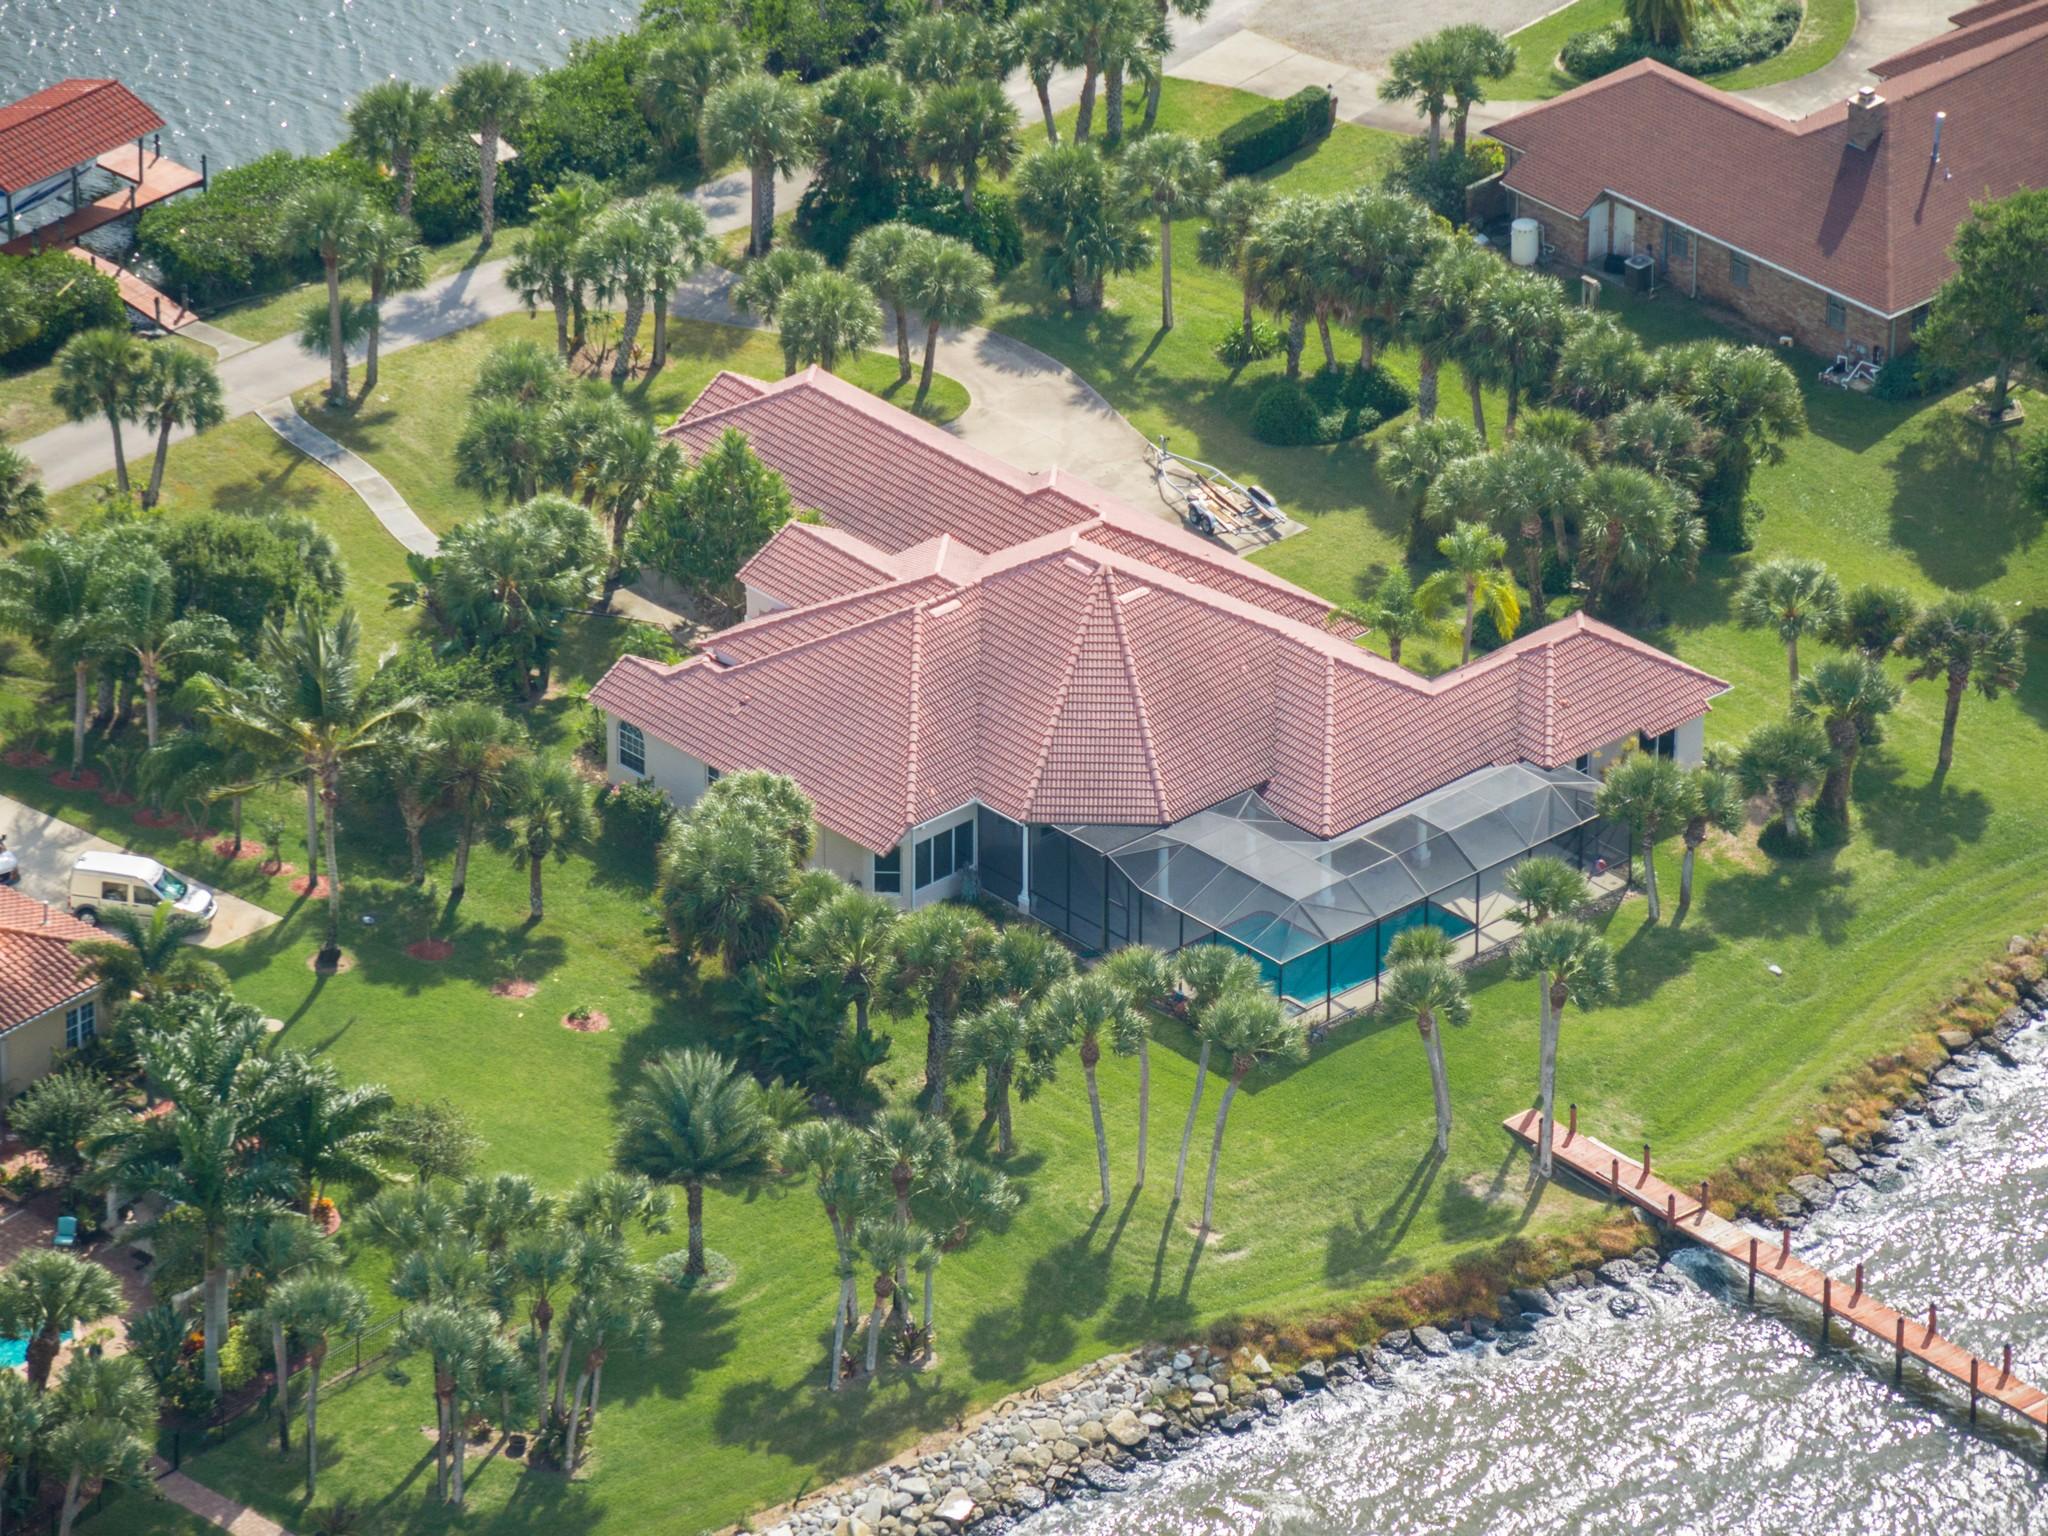 Частный односемейный дом для того Продажа на Extraordinary 5/4 in Crystal Lakes 477 Spoonbill Lane Melbourne Beach, Флорида 32951 Соединенные Штаты